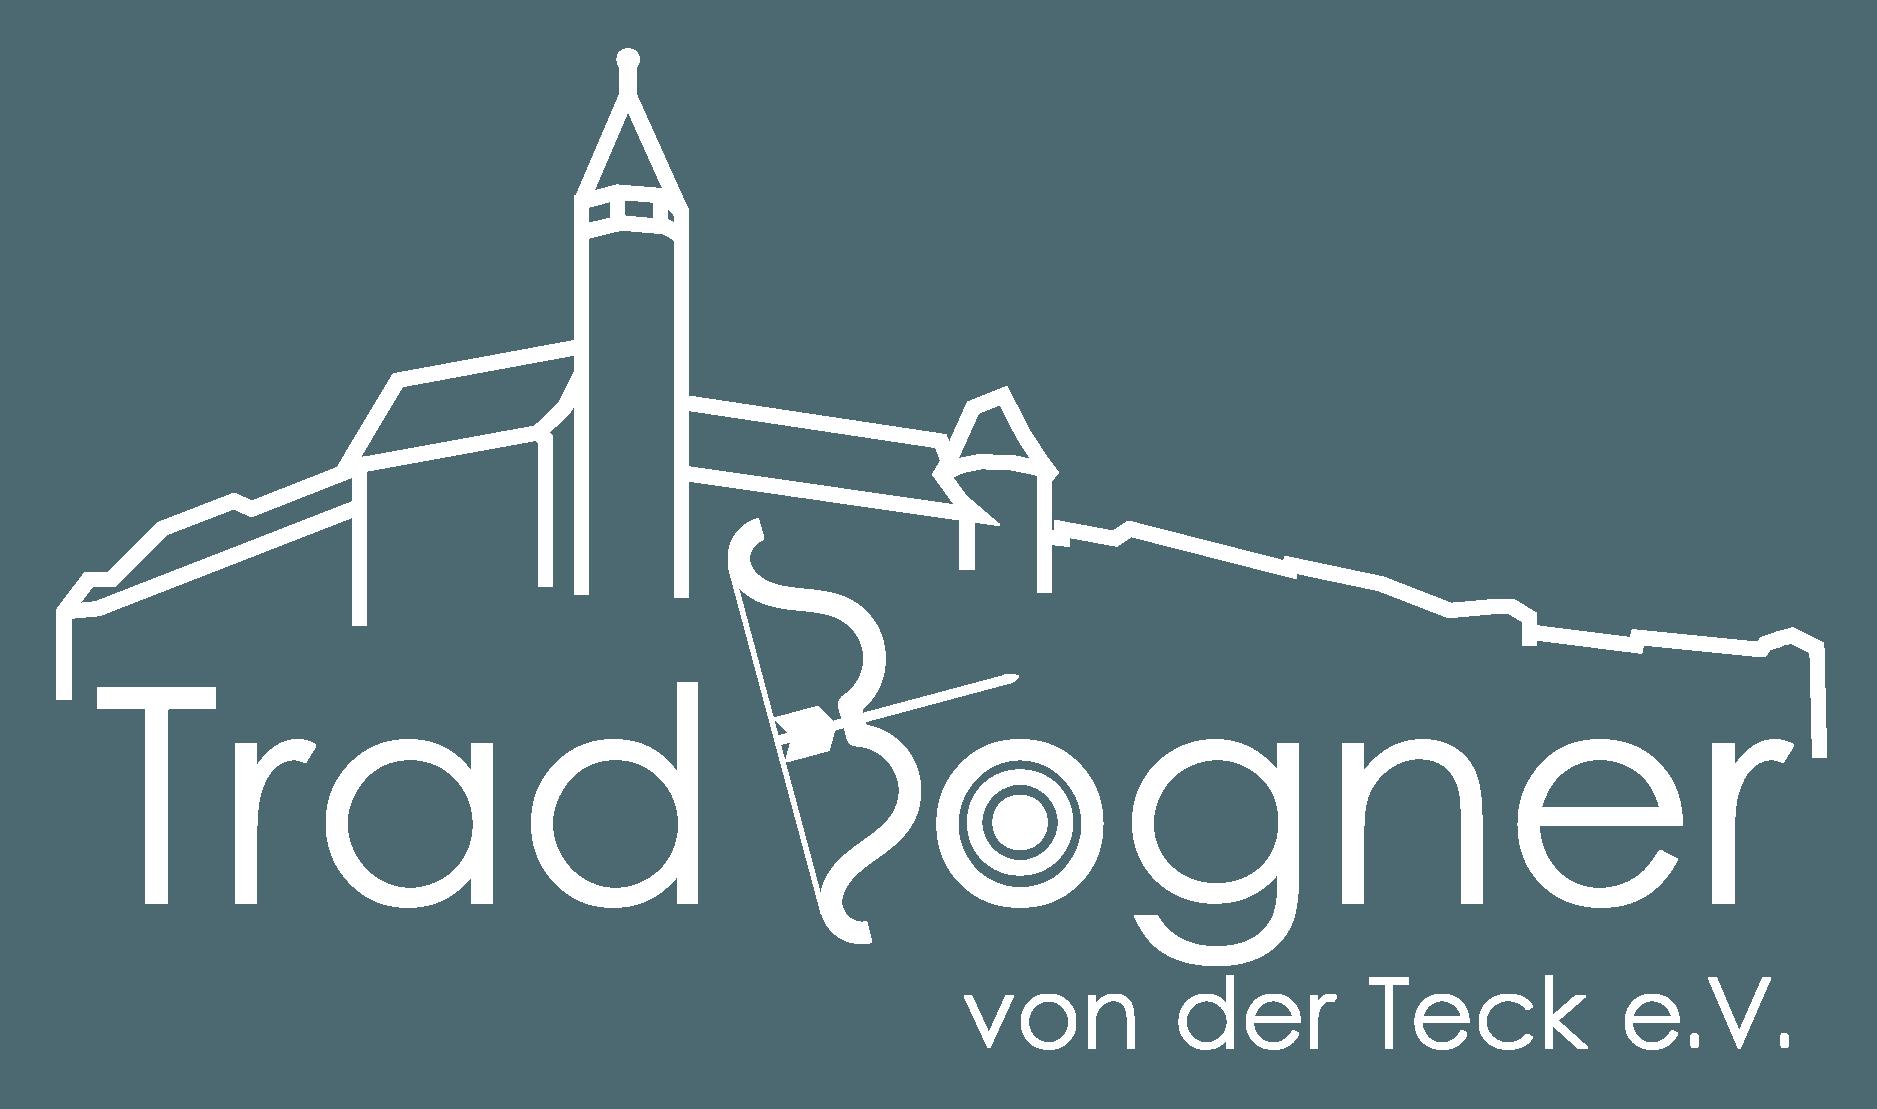 TradBogner von der Teck e.V.